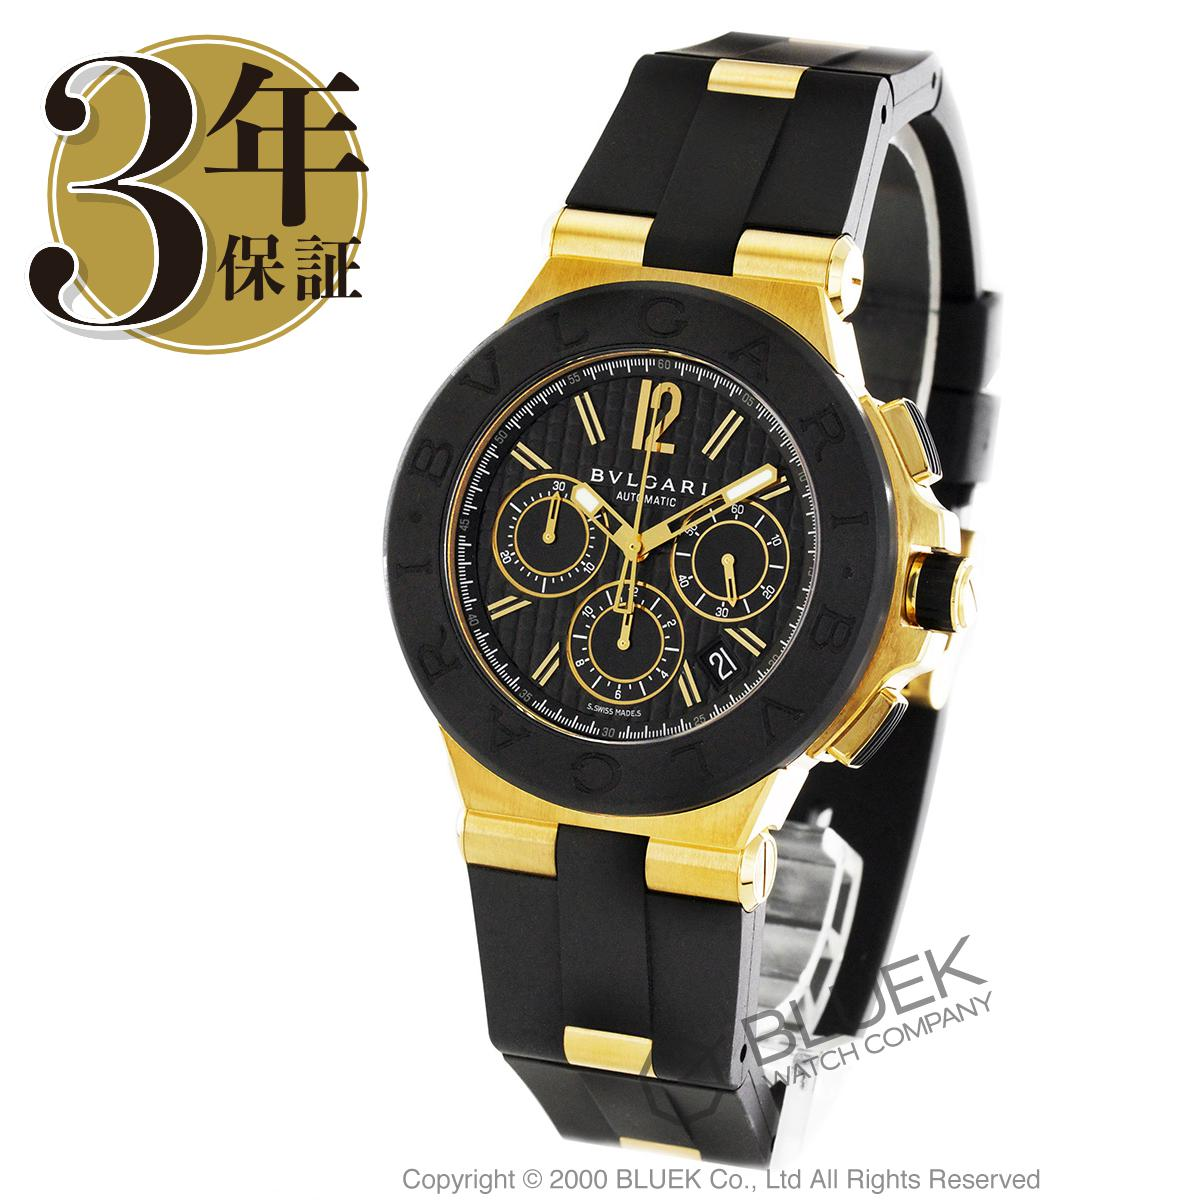 ブルガリ ディアゴノ クロノグラフ 腕時計 メンズ BVLGARI DG42BGVDCH_8